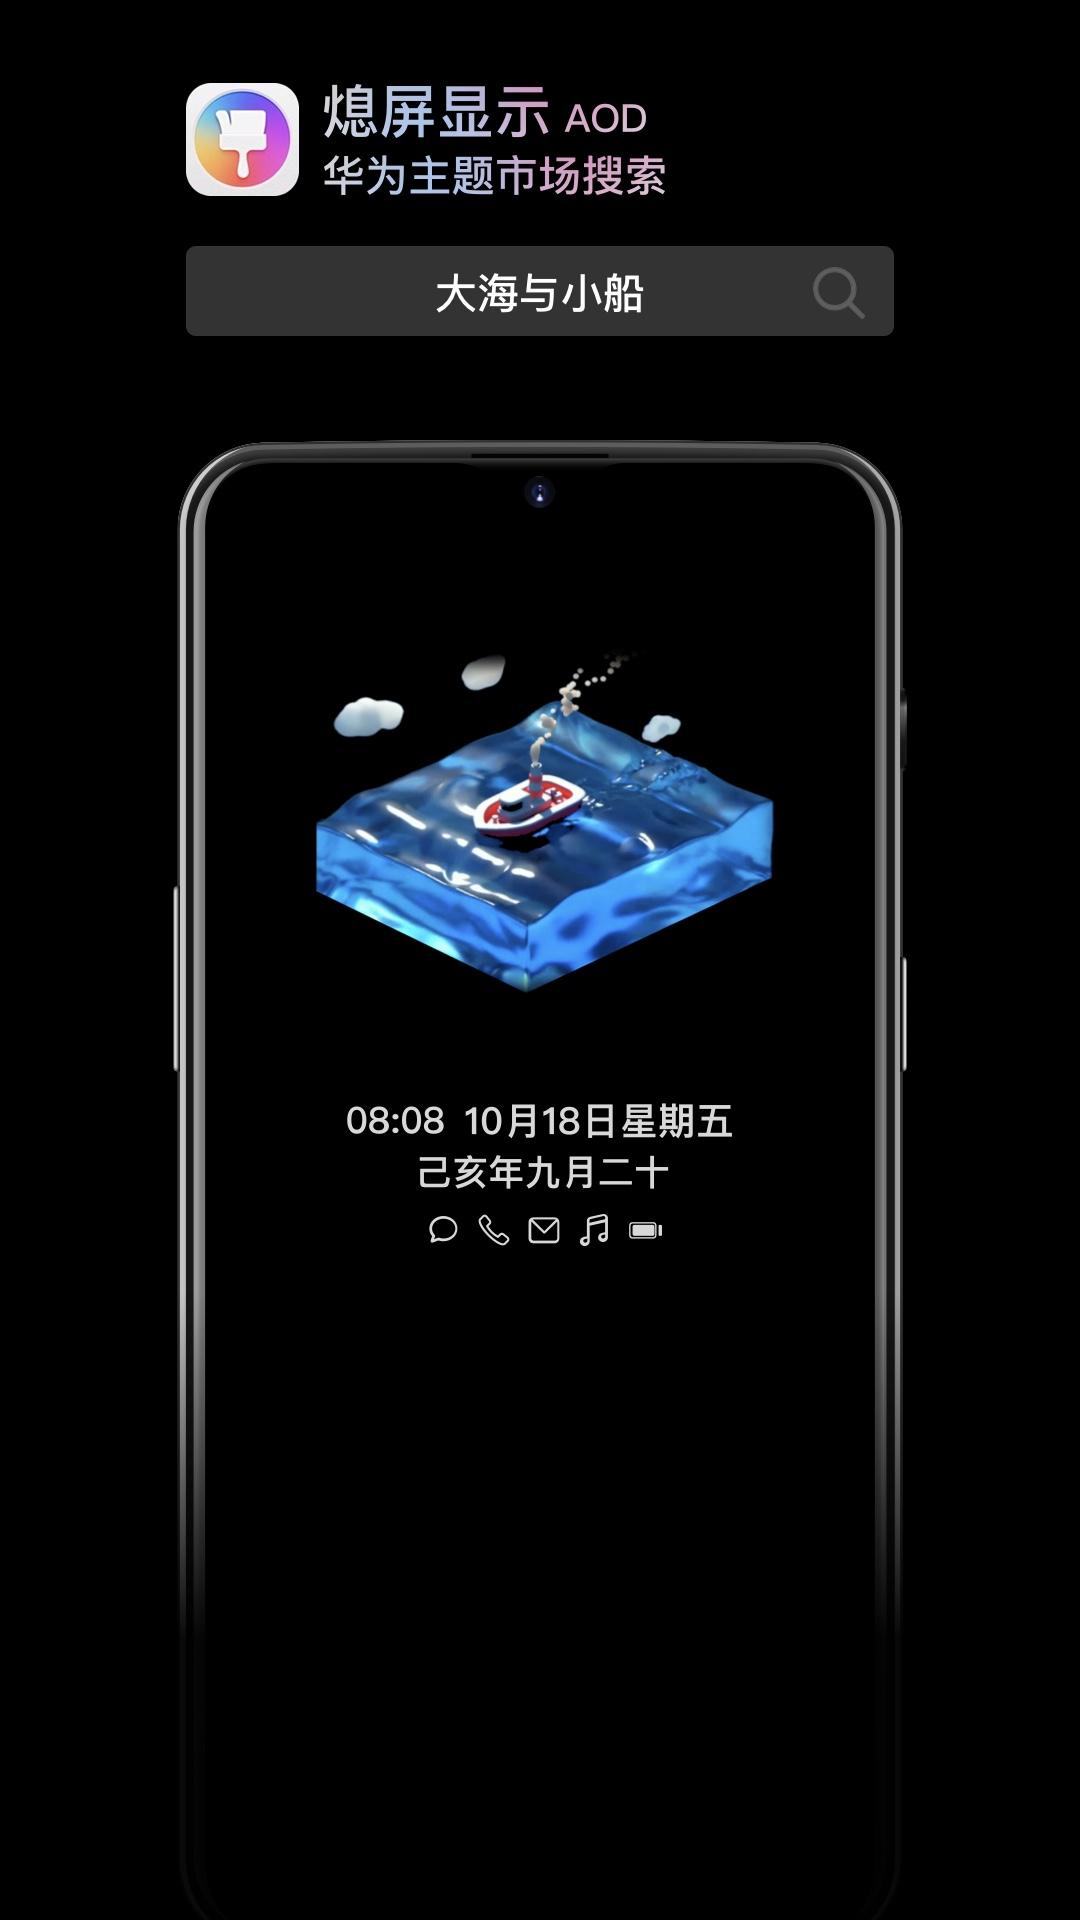 静态版宣传视频封面2.jpg